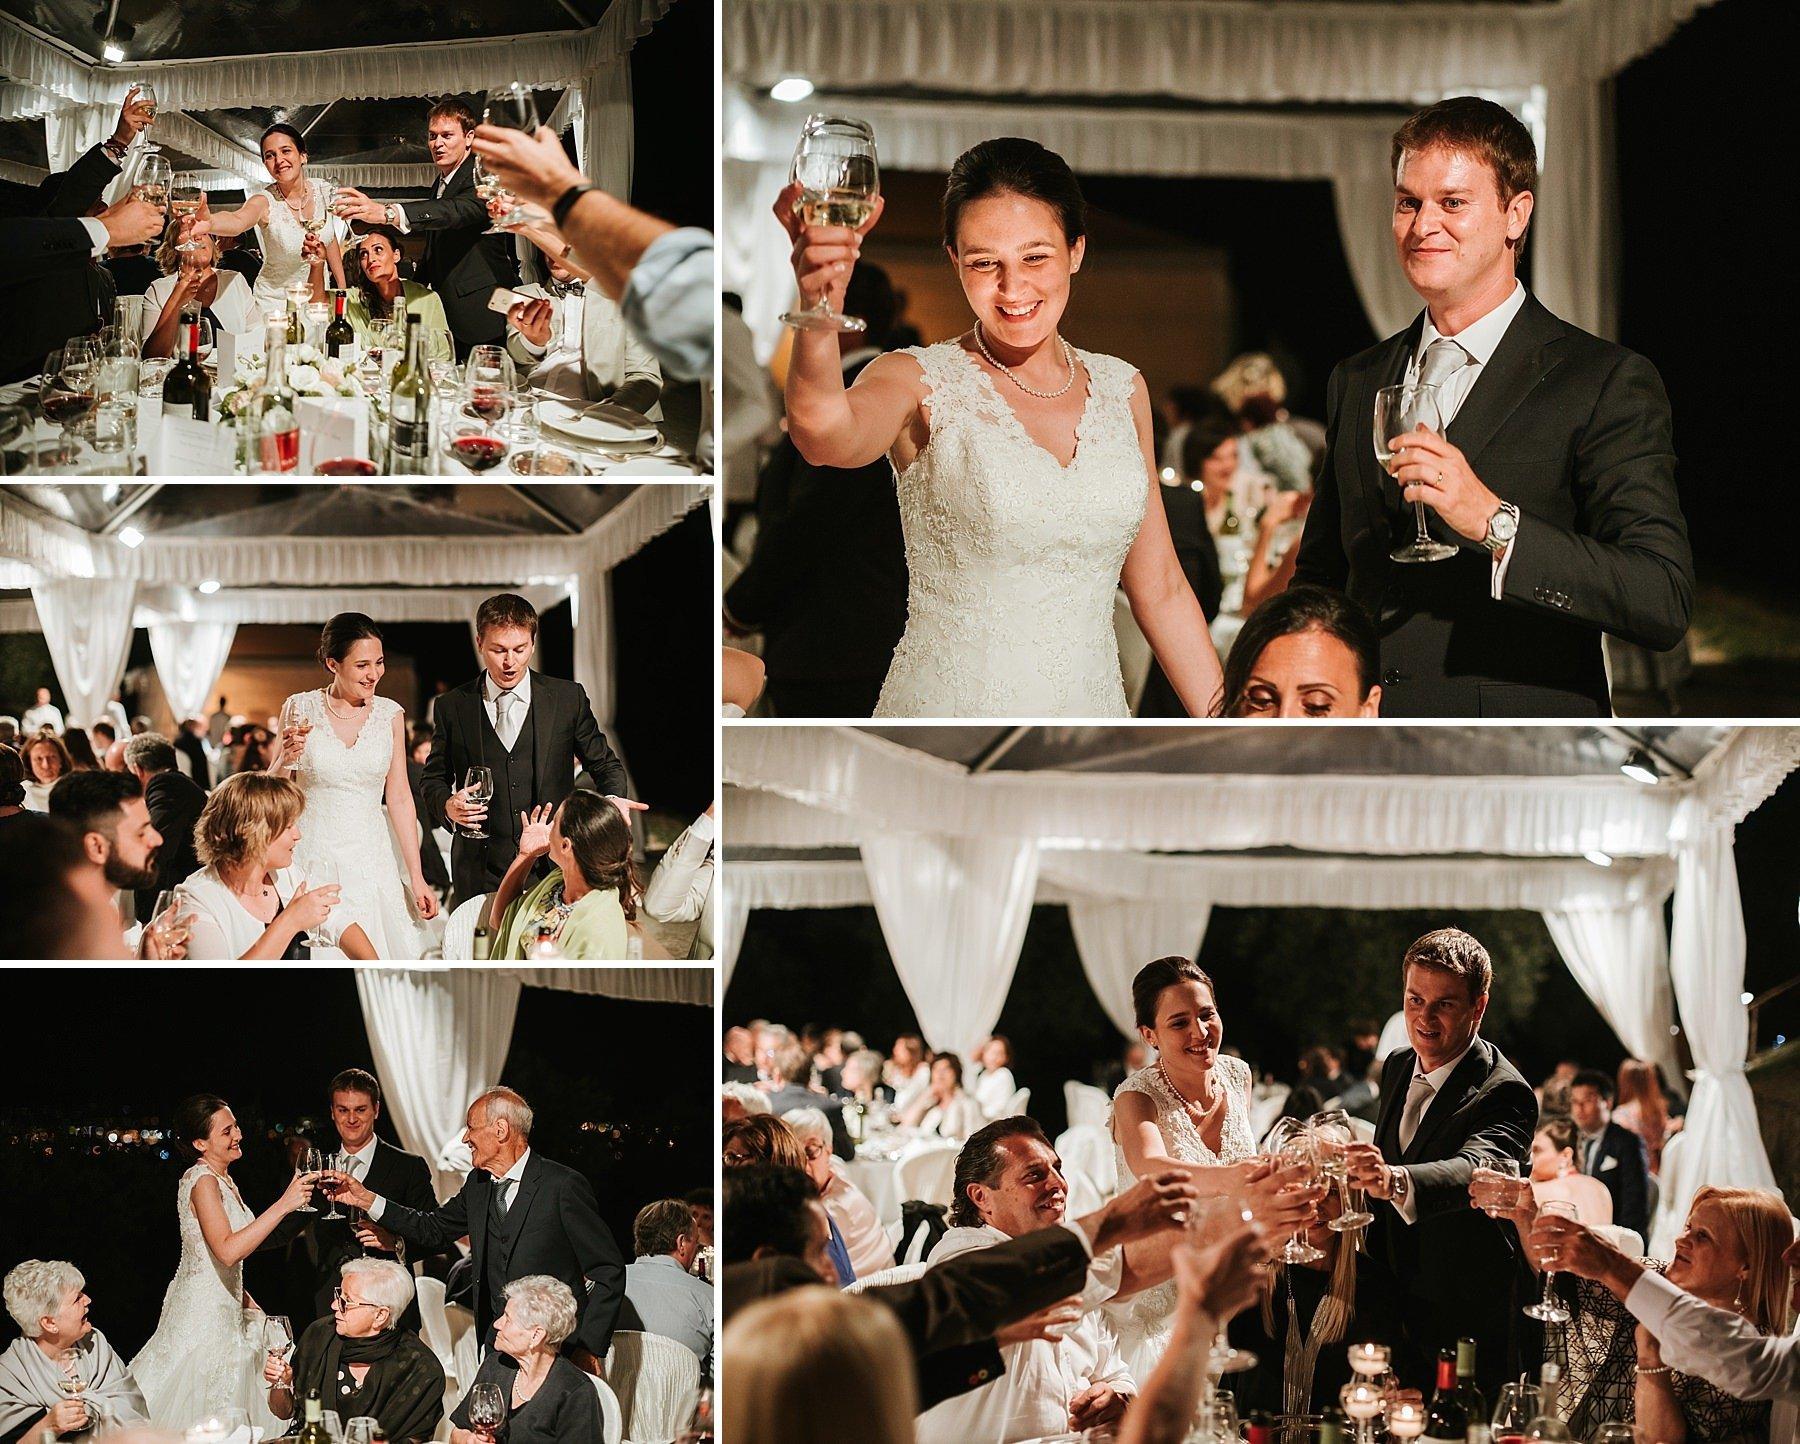 Sposi con ospiti durante i festeggiamenti